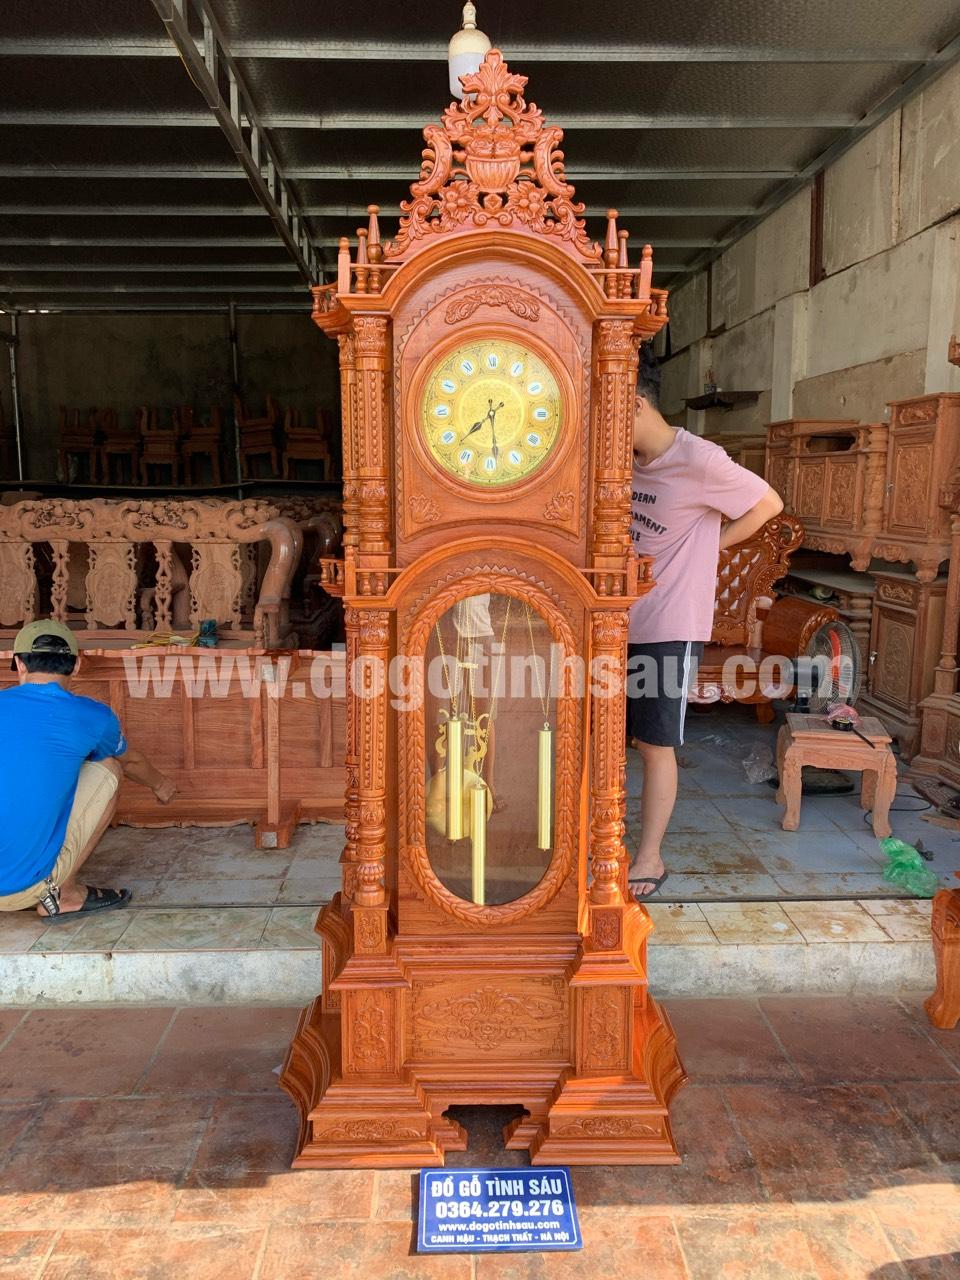 dong ho cay go huong da 7 - Đồng hồ cây gỗ hương đá mang lại sự thịnh vượng cho ngôi nhà của bạn